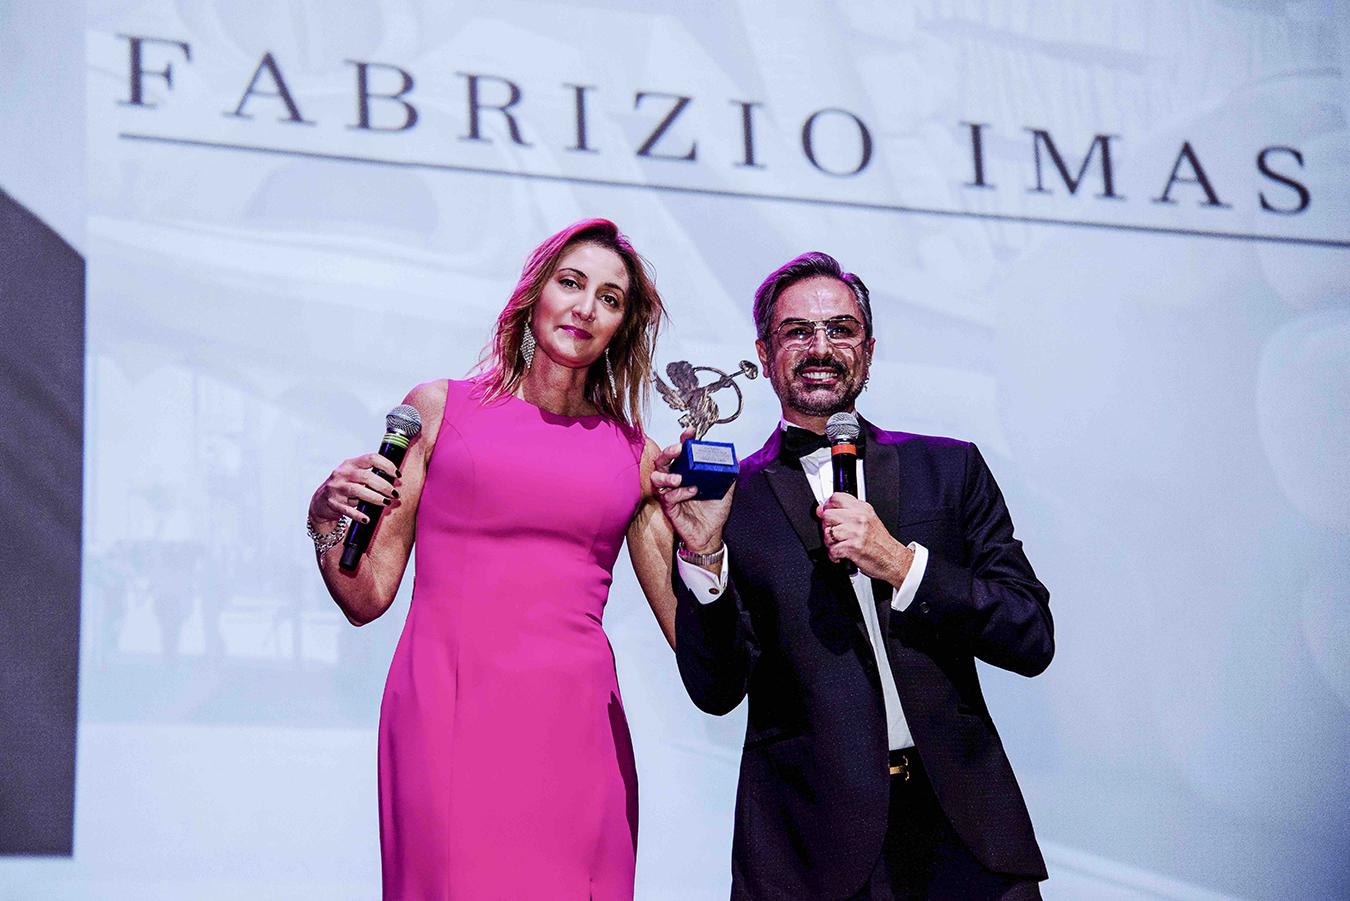 Daniela-Corti-e-Fabrizio-Imas